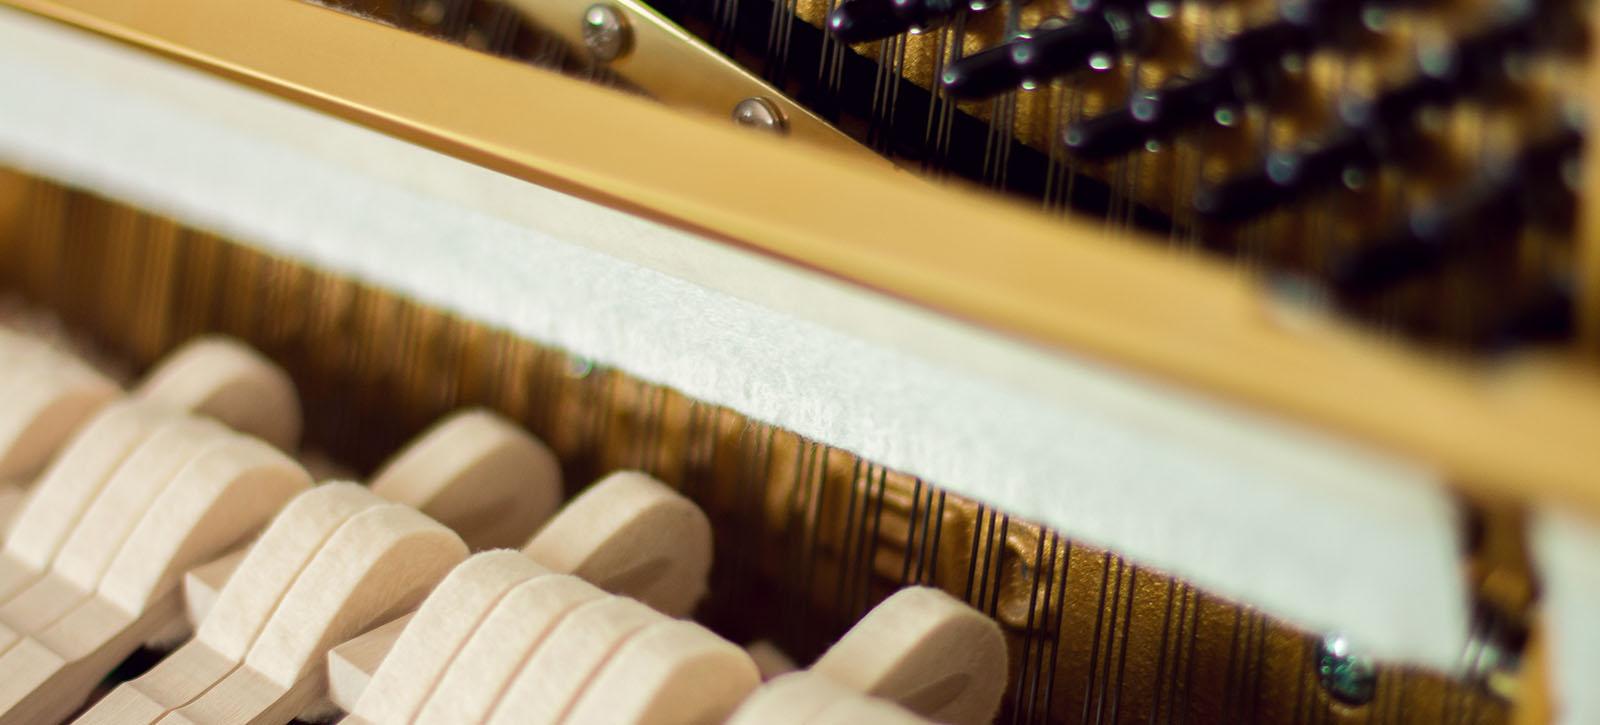 Das Innere eines Klaviers.